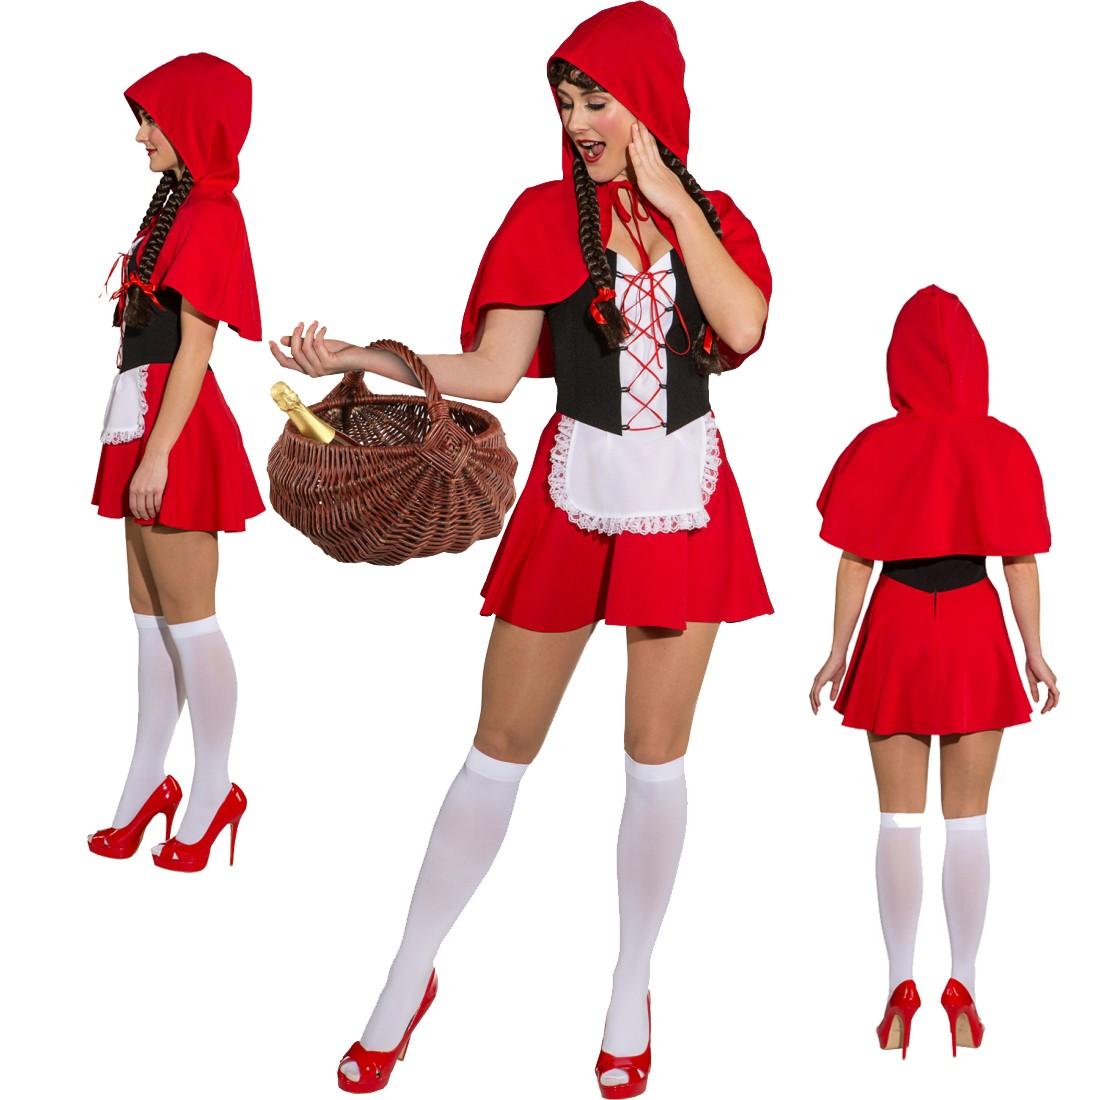 Rotkappchen Kostum Karneval Marchen Kostume 26 95